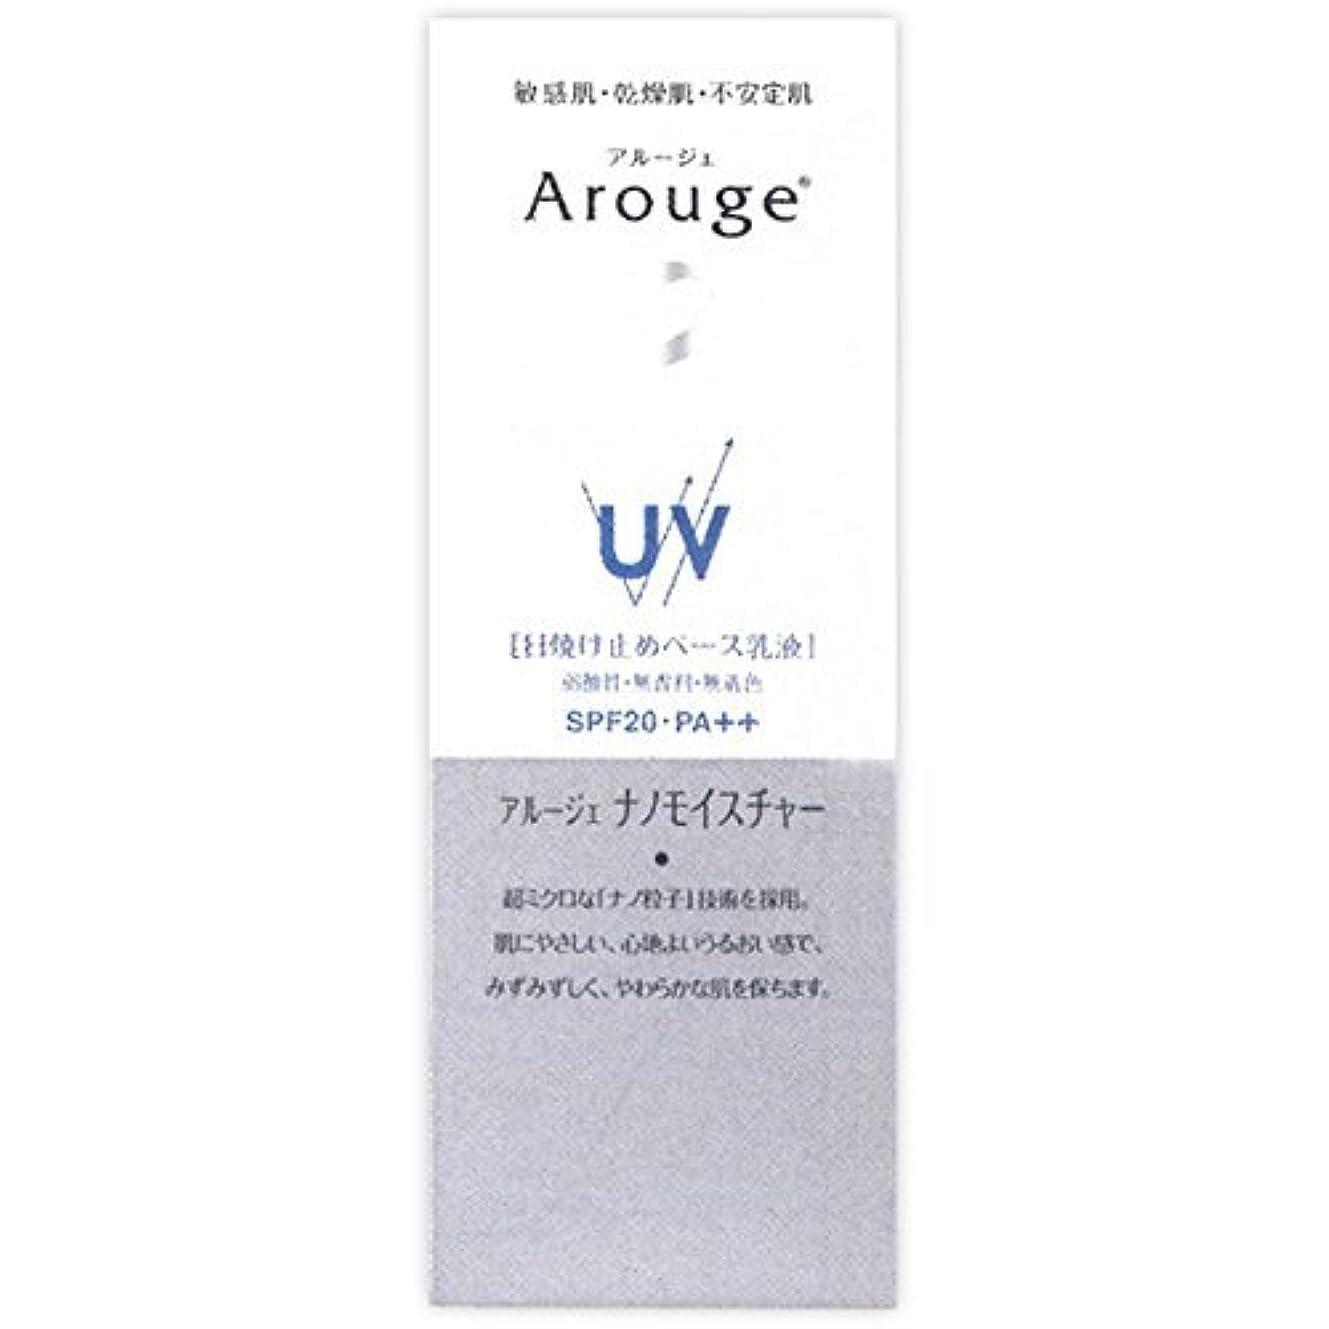 冷淡な静けさ真剣にアルージェ UV モイストビューティーアップ日焼け止めベース乳液25g (SPF20?PA++)